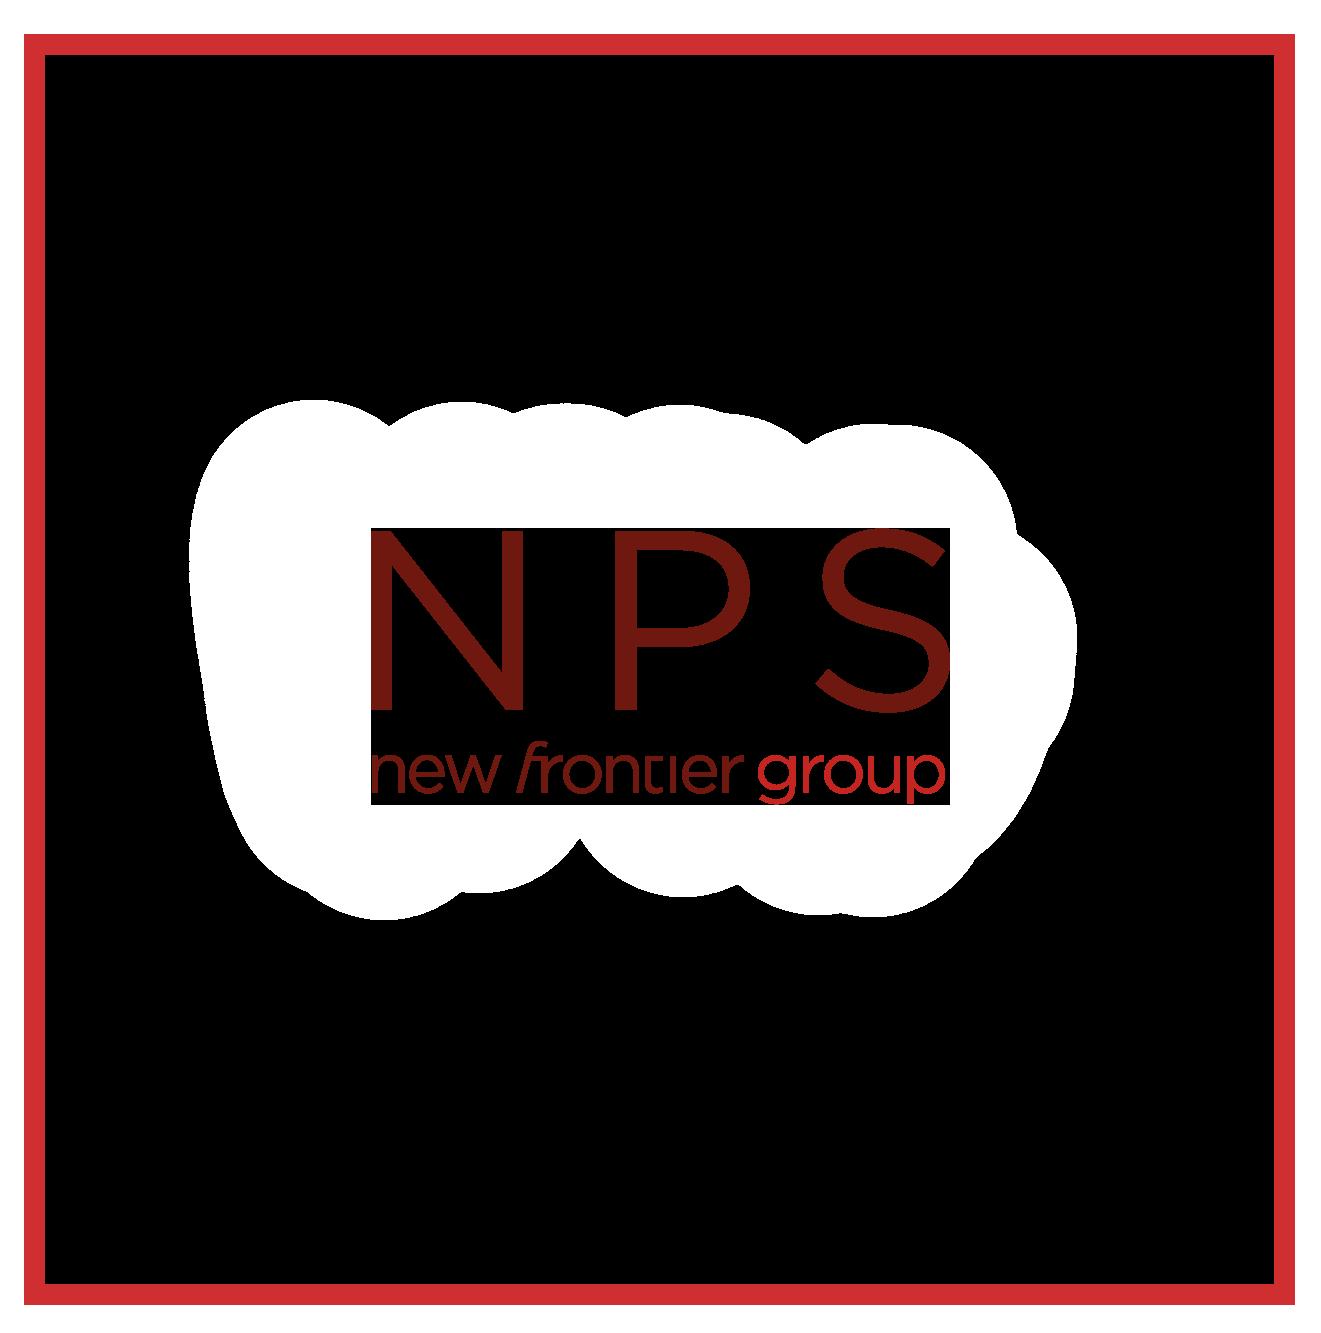 NGF nps